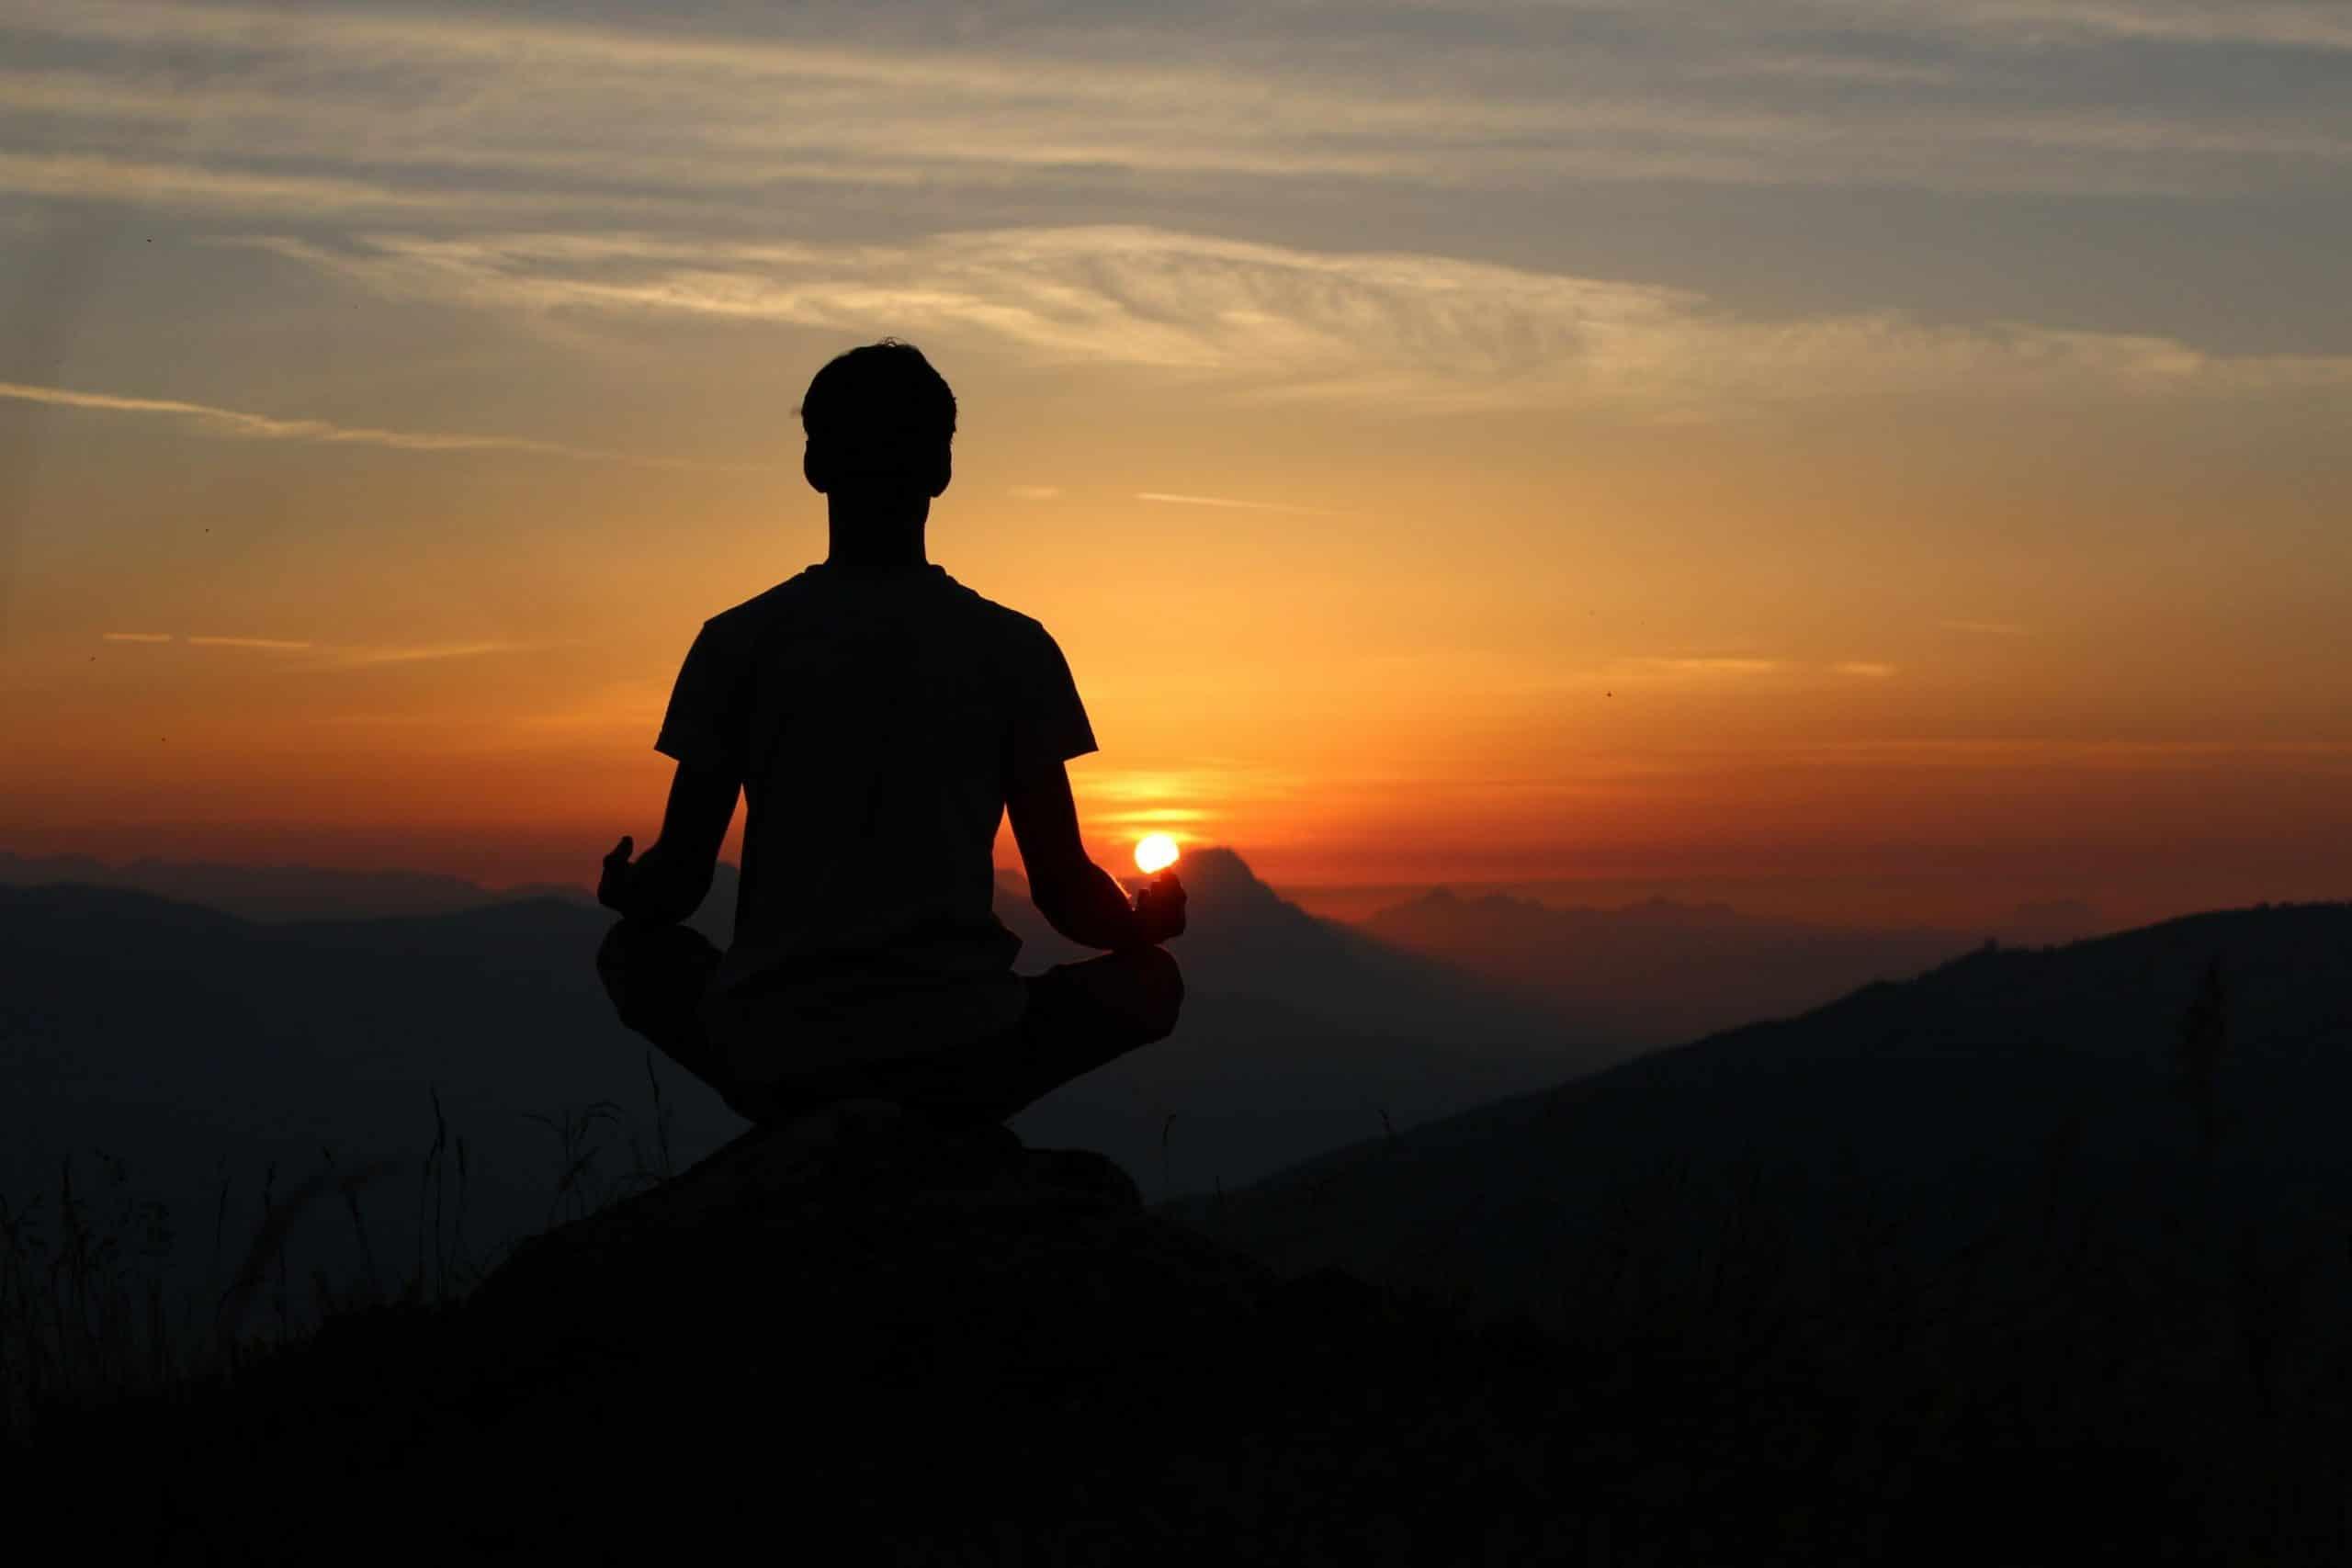 Silhueta de homem meditando no topo de uma montanha com pôr-do-sol ao fundo